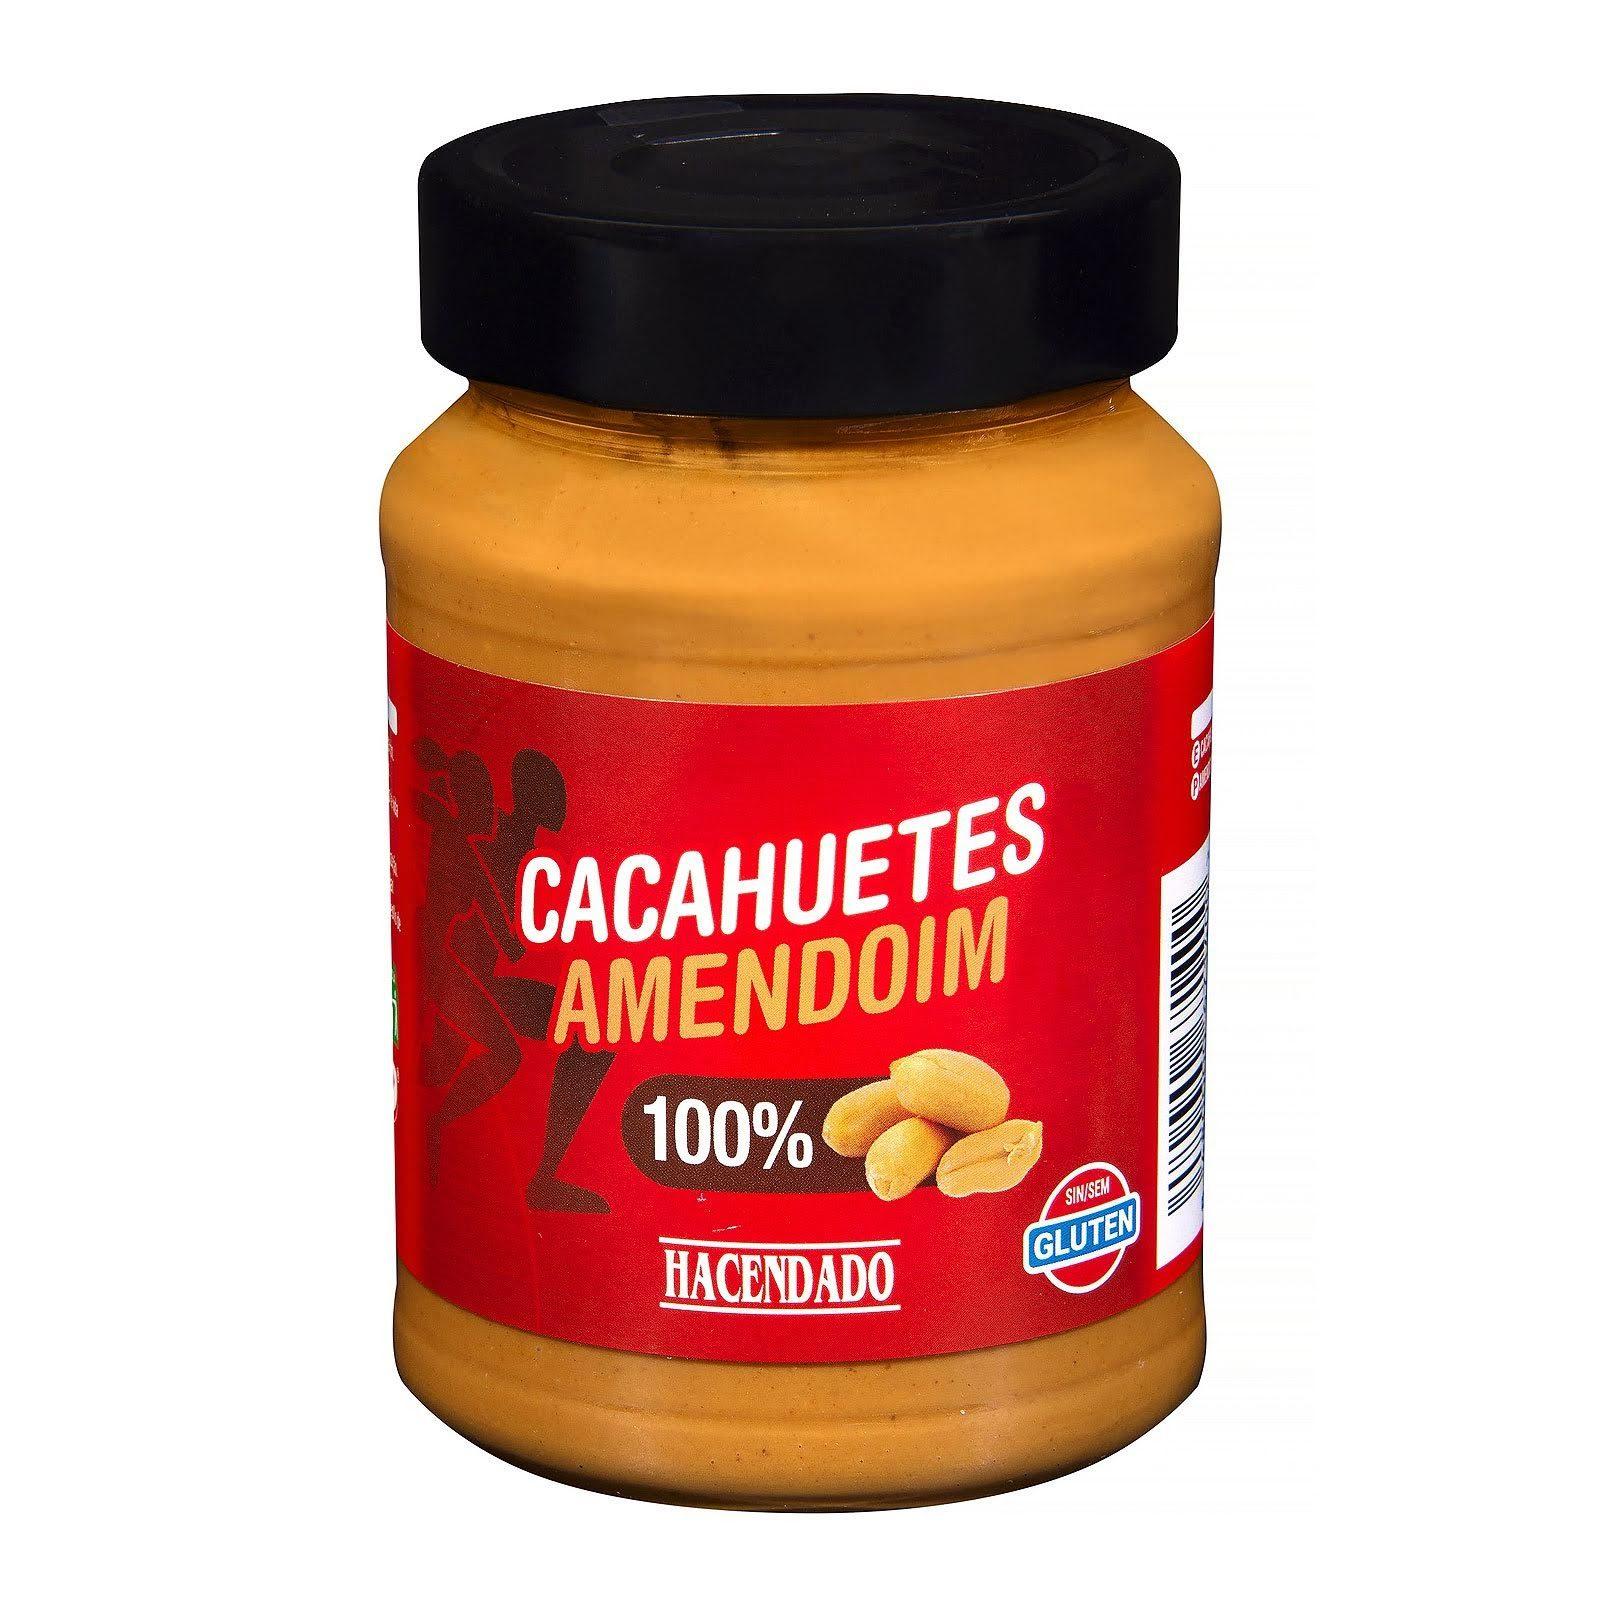 crema-de-cacahuetes-100-natural-hacendado-mercadona-1-5614551